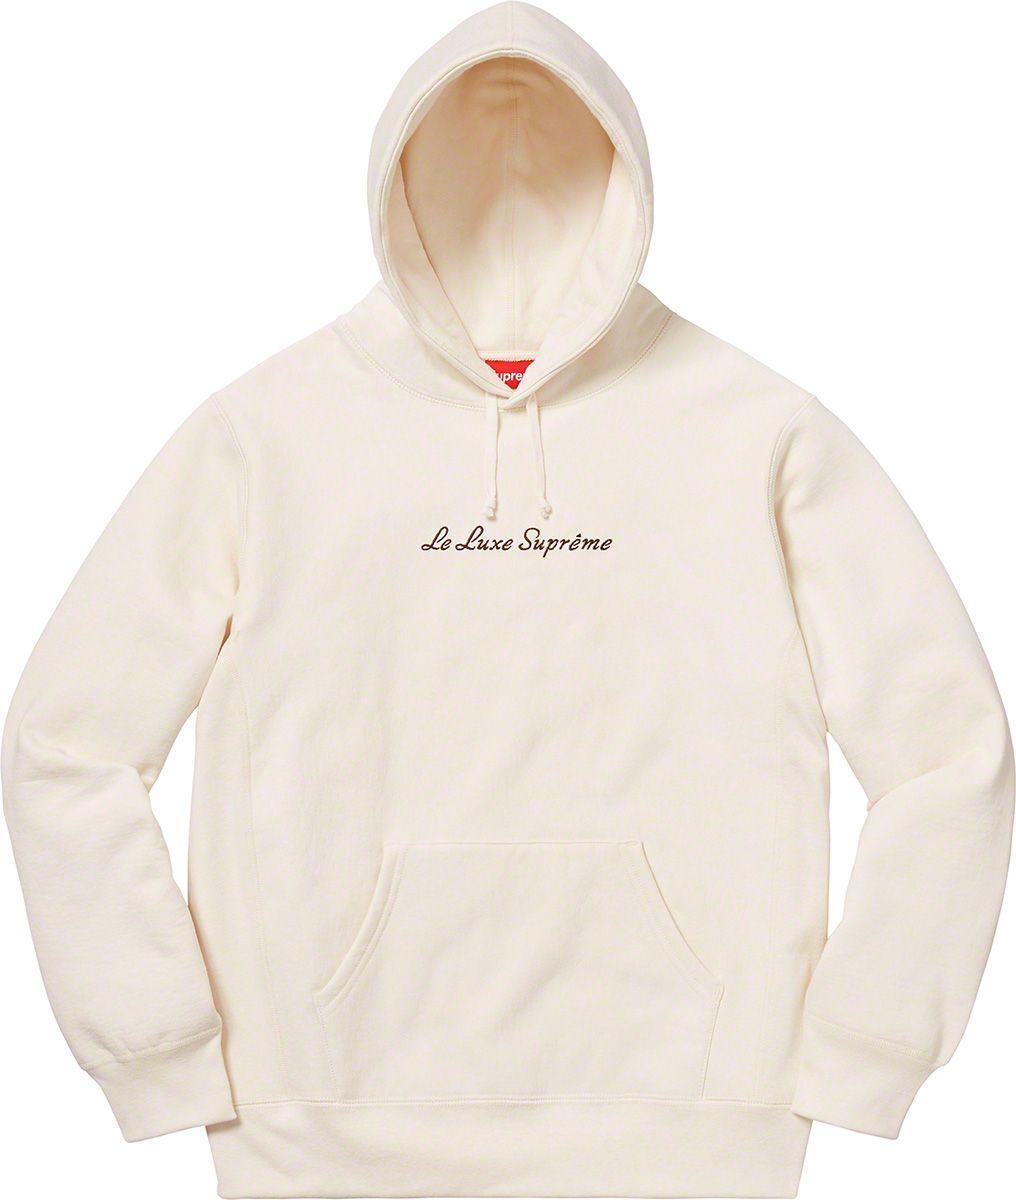 jakość wykonania w sprzedaży hurtowej autentyczna jakość Supreme Le Luxe Hooded Sweatshirt in 2019 | Sweatshirts ...